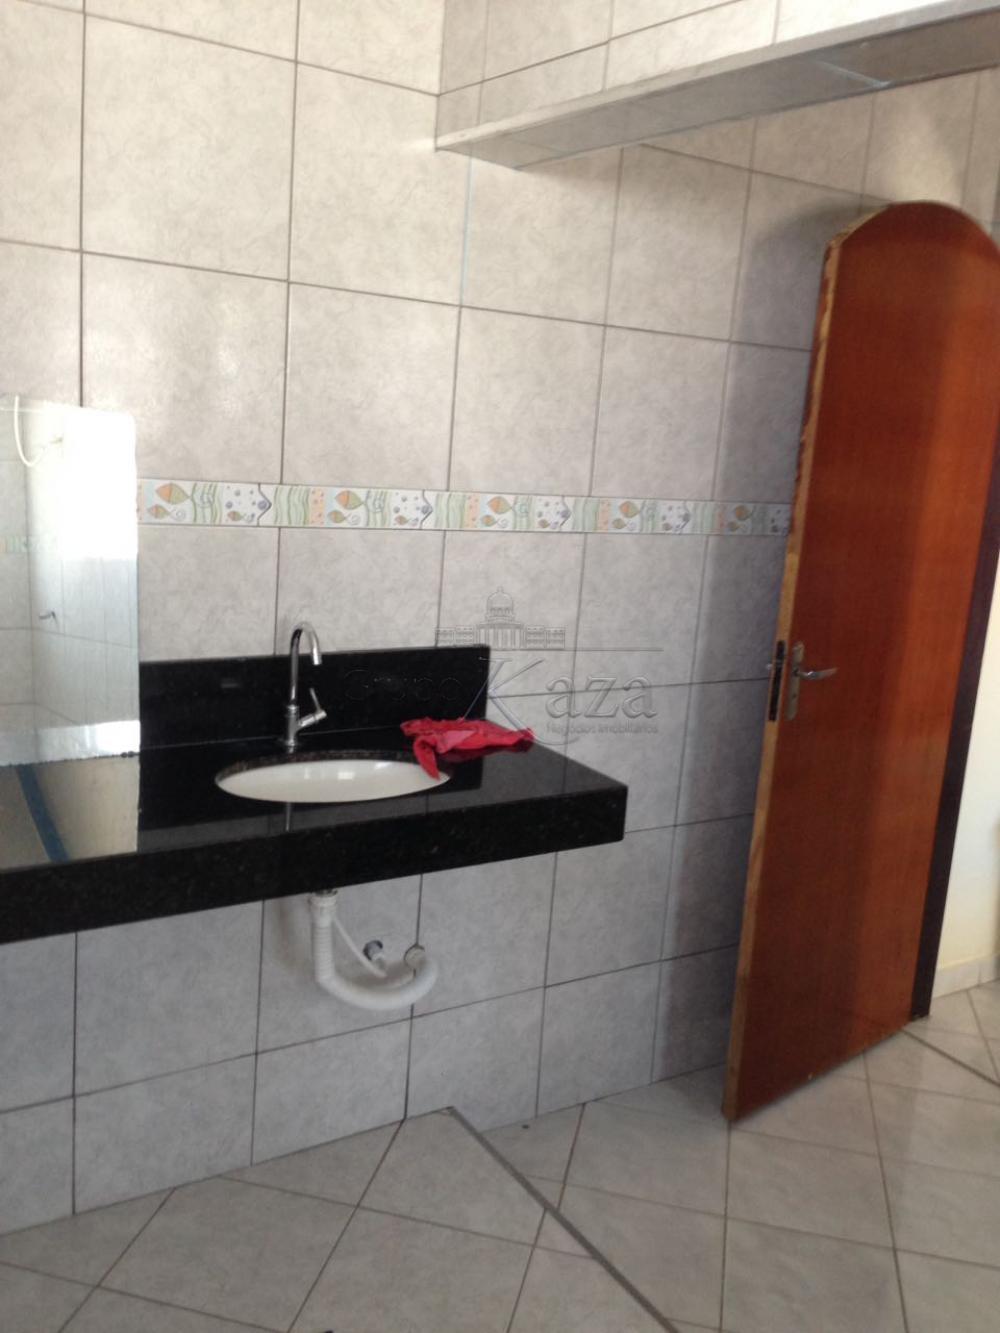 Comprar Casa / Sobrado em Jacareí apenas R$ 350.000,00 - Foto 10